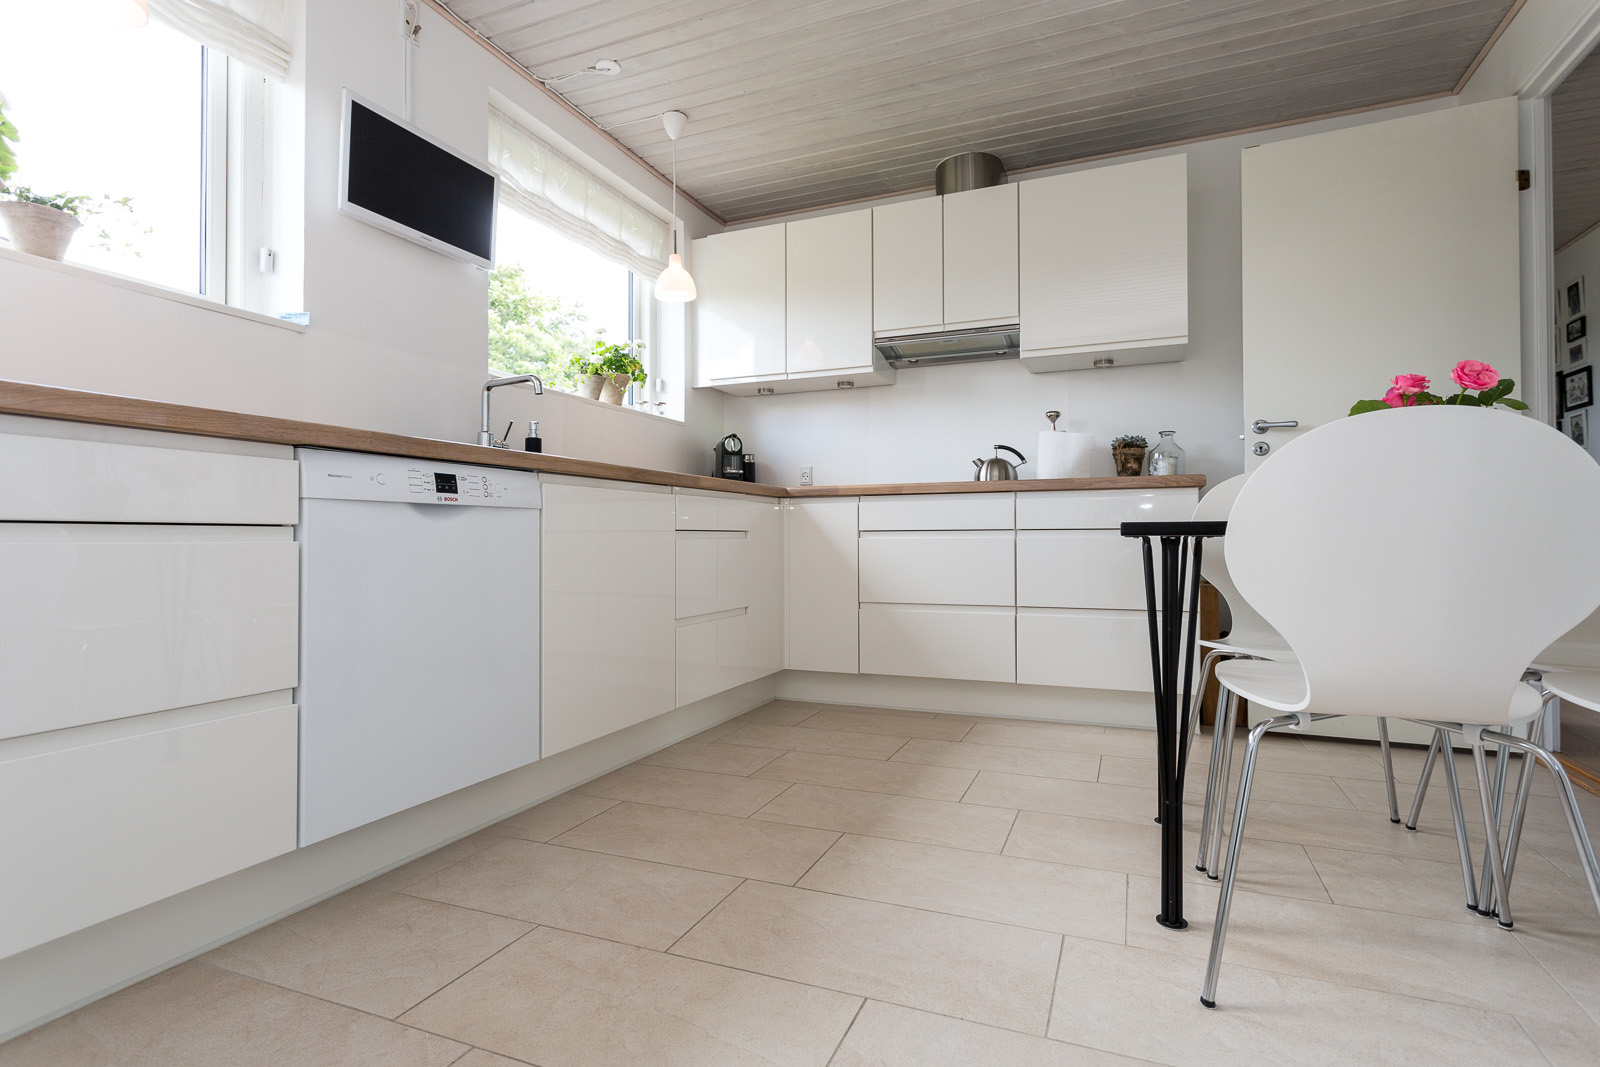 Nyt køkken med lys og plads